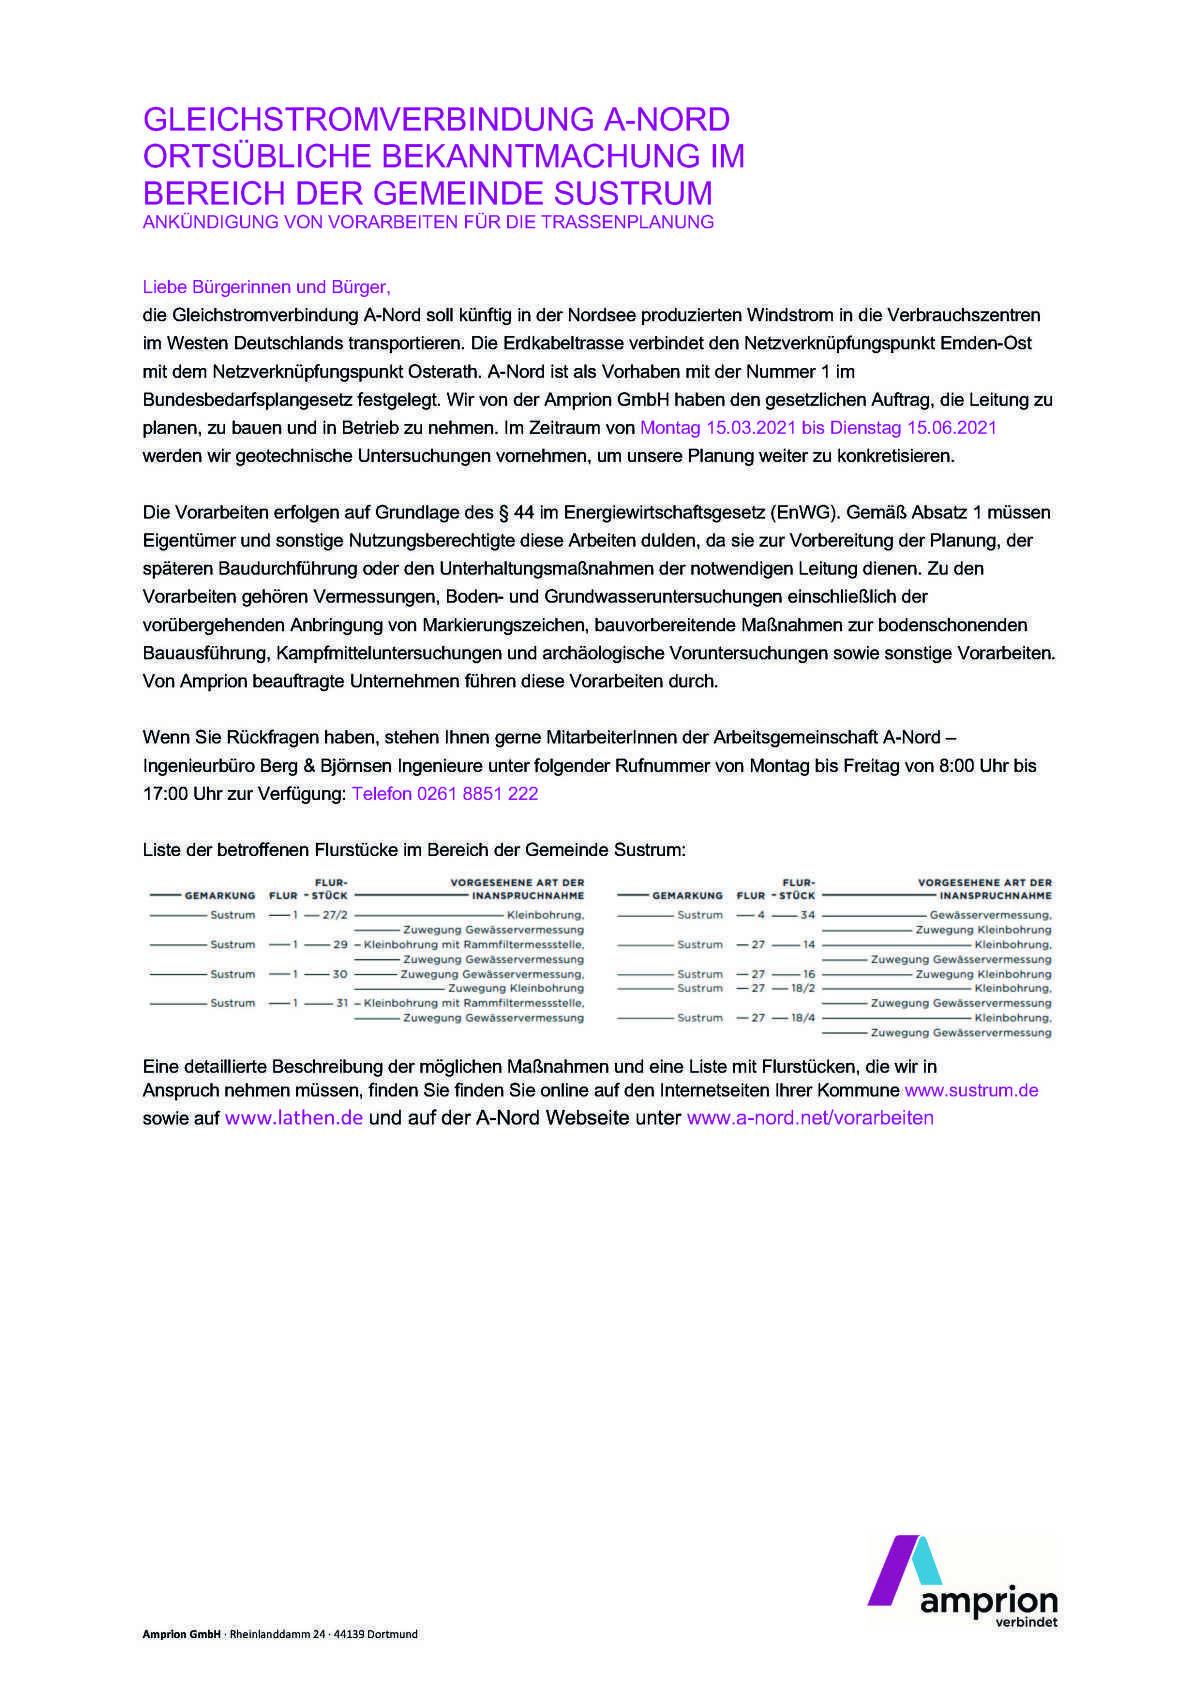 Gleichstromverbindung A-Nord: Ortsübliche Bekanntmachung